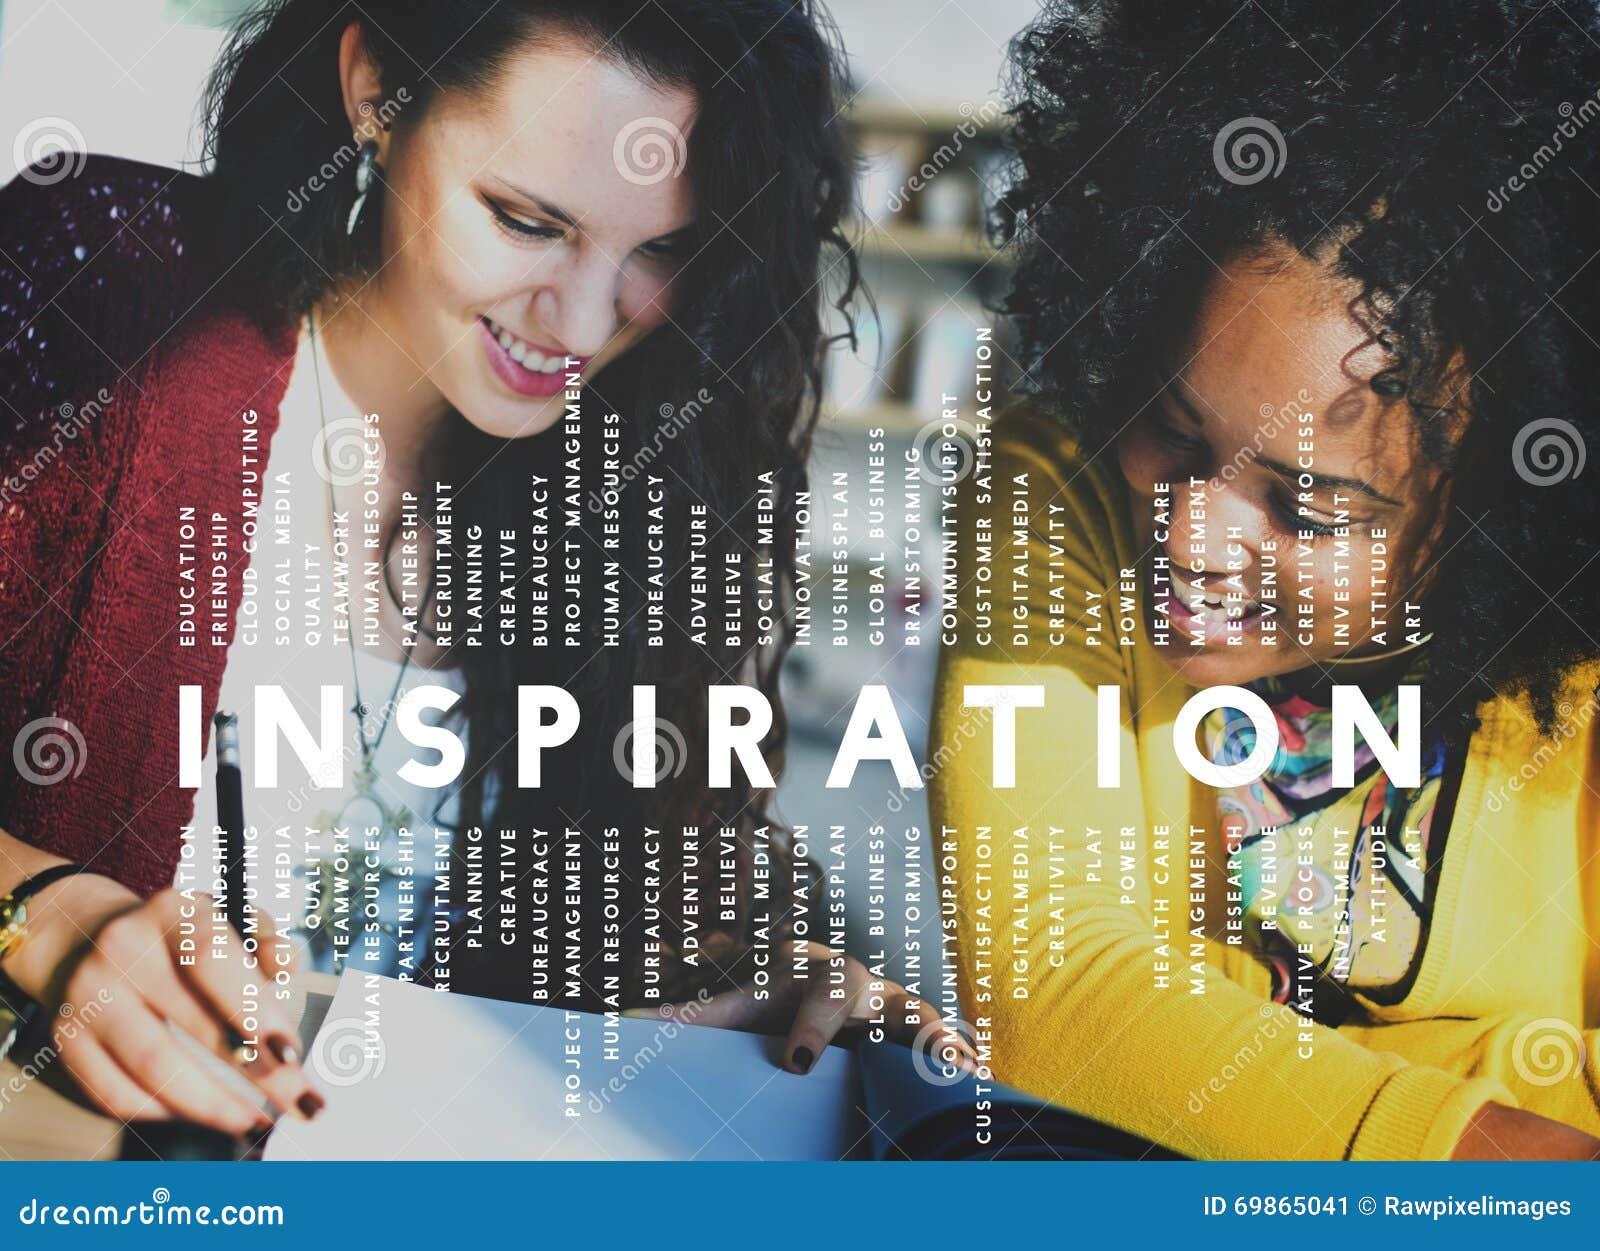 La imaginación de la aspiración de la inspiración inspira concepto ideal